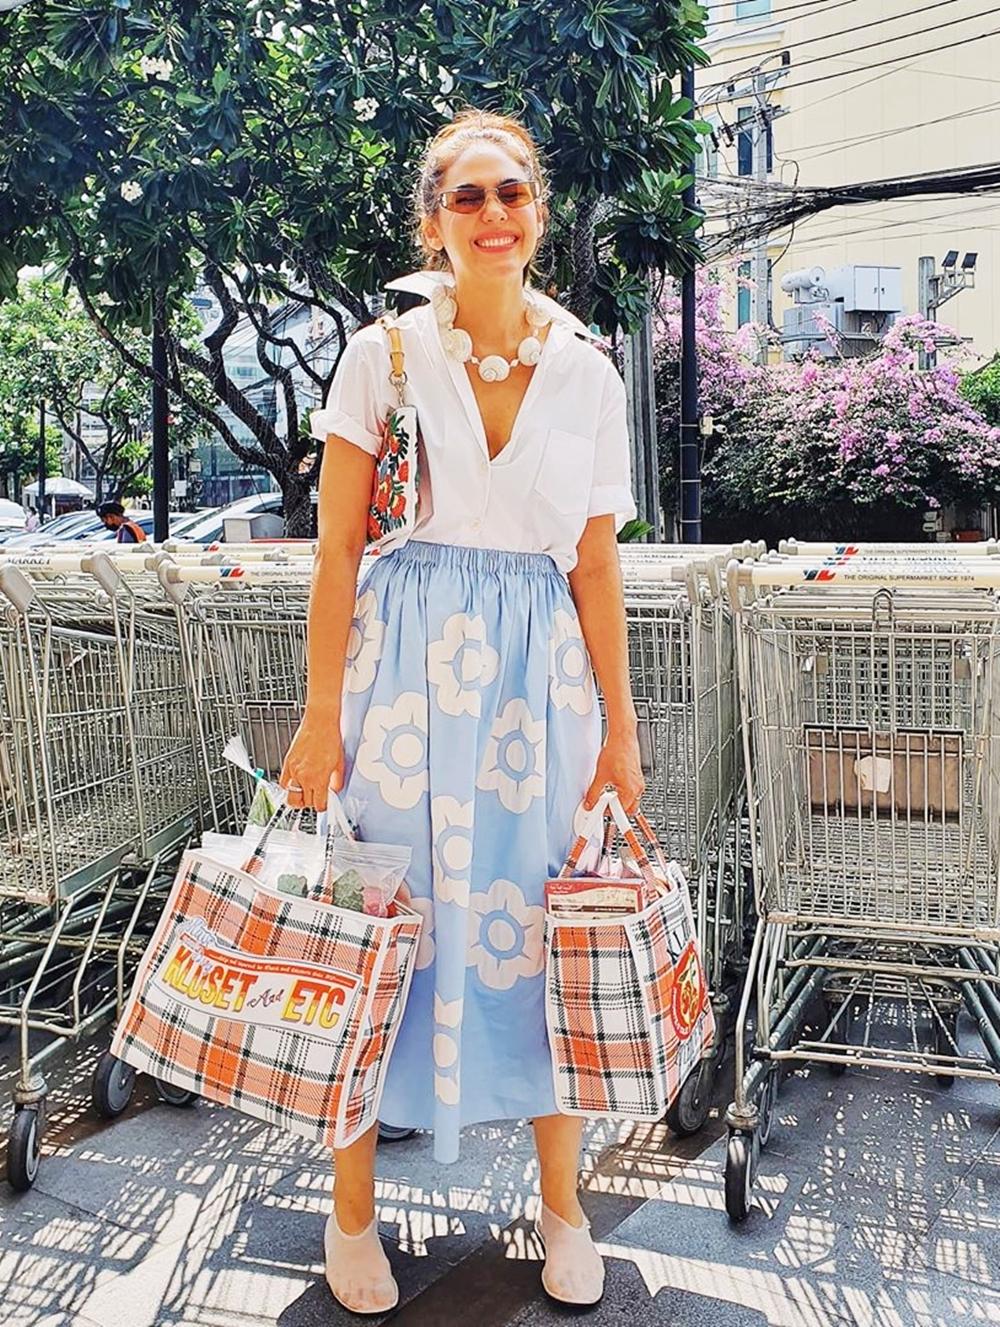 Người đẹp khoe ảnh đi mua thực phẩm với trang phục hàng hiệu gồm:  kính Alexander MCqueen, túi đeo vai Miu Miu và giày trong suốt của The Row.